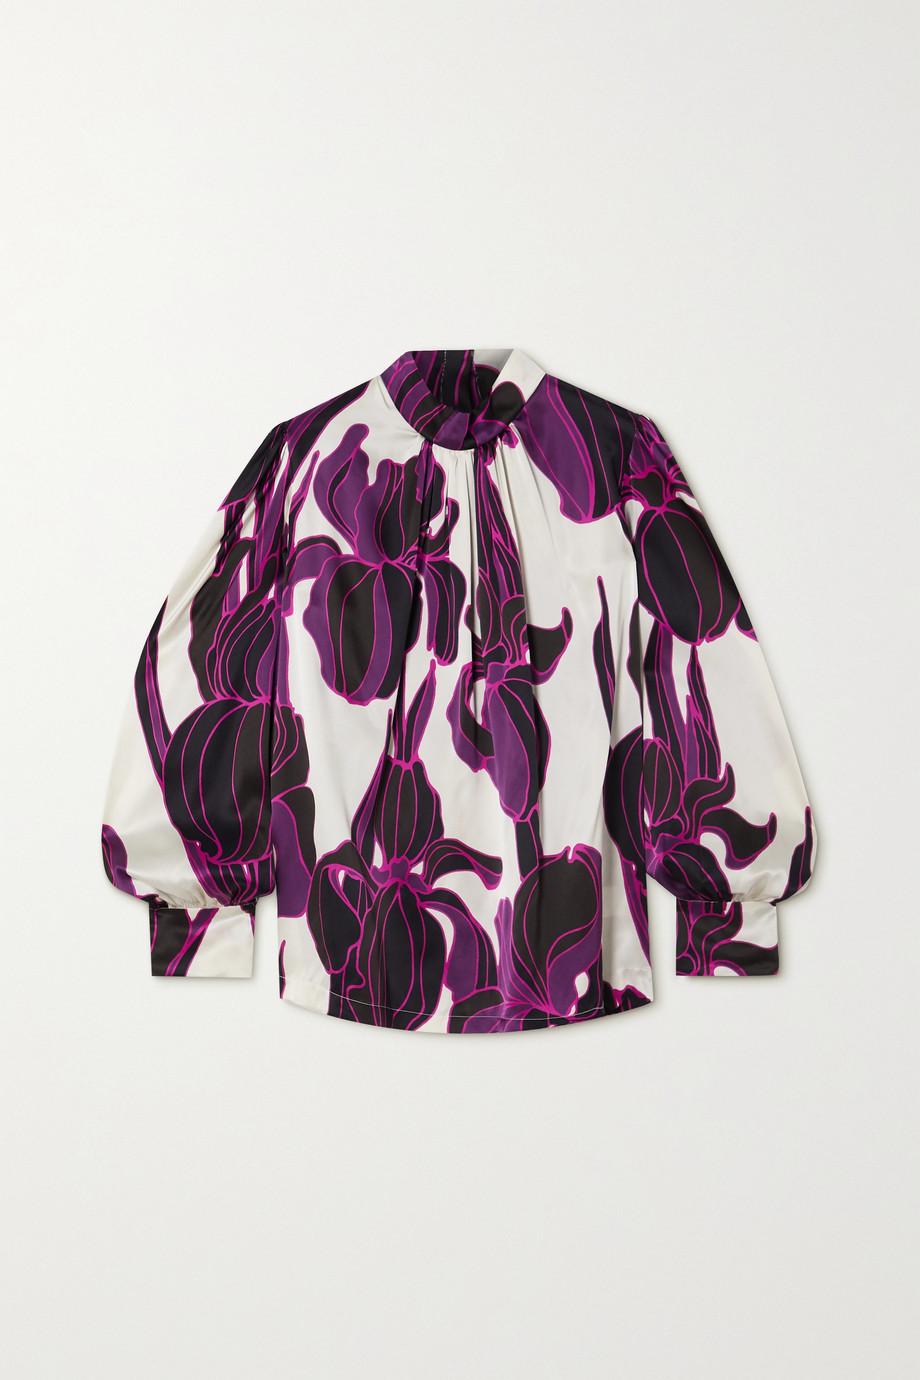 Dries Van Noten Bluse aus Seidensatin mit Blumenprint